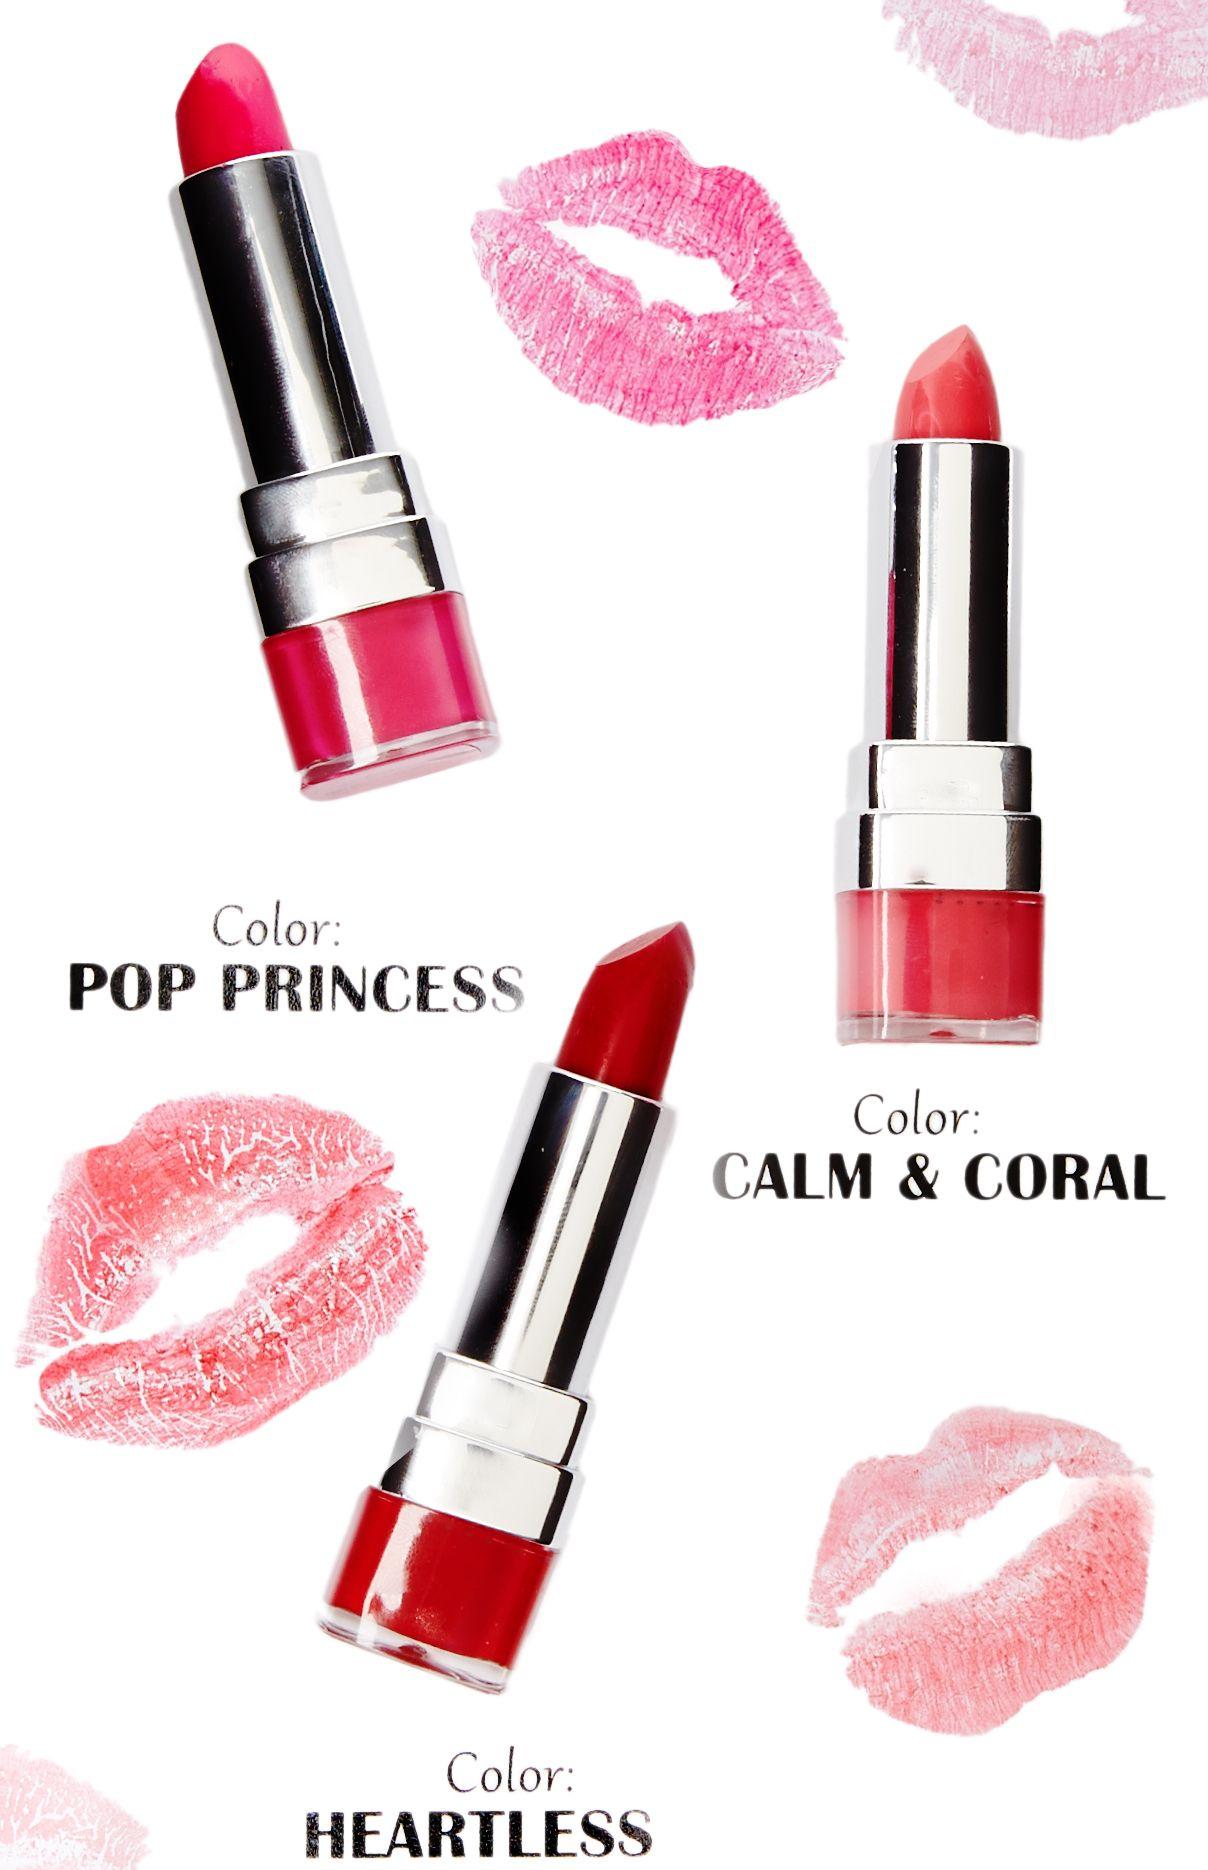 Mwah! Shop #rue21 #lipstick here: http://www.rue21.com/store/jump/category/Lips/cat30025